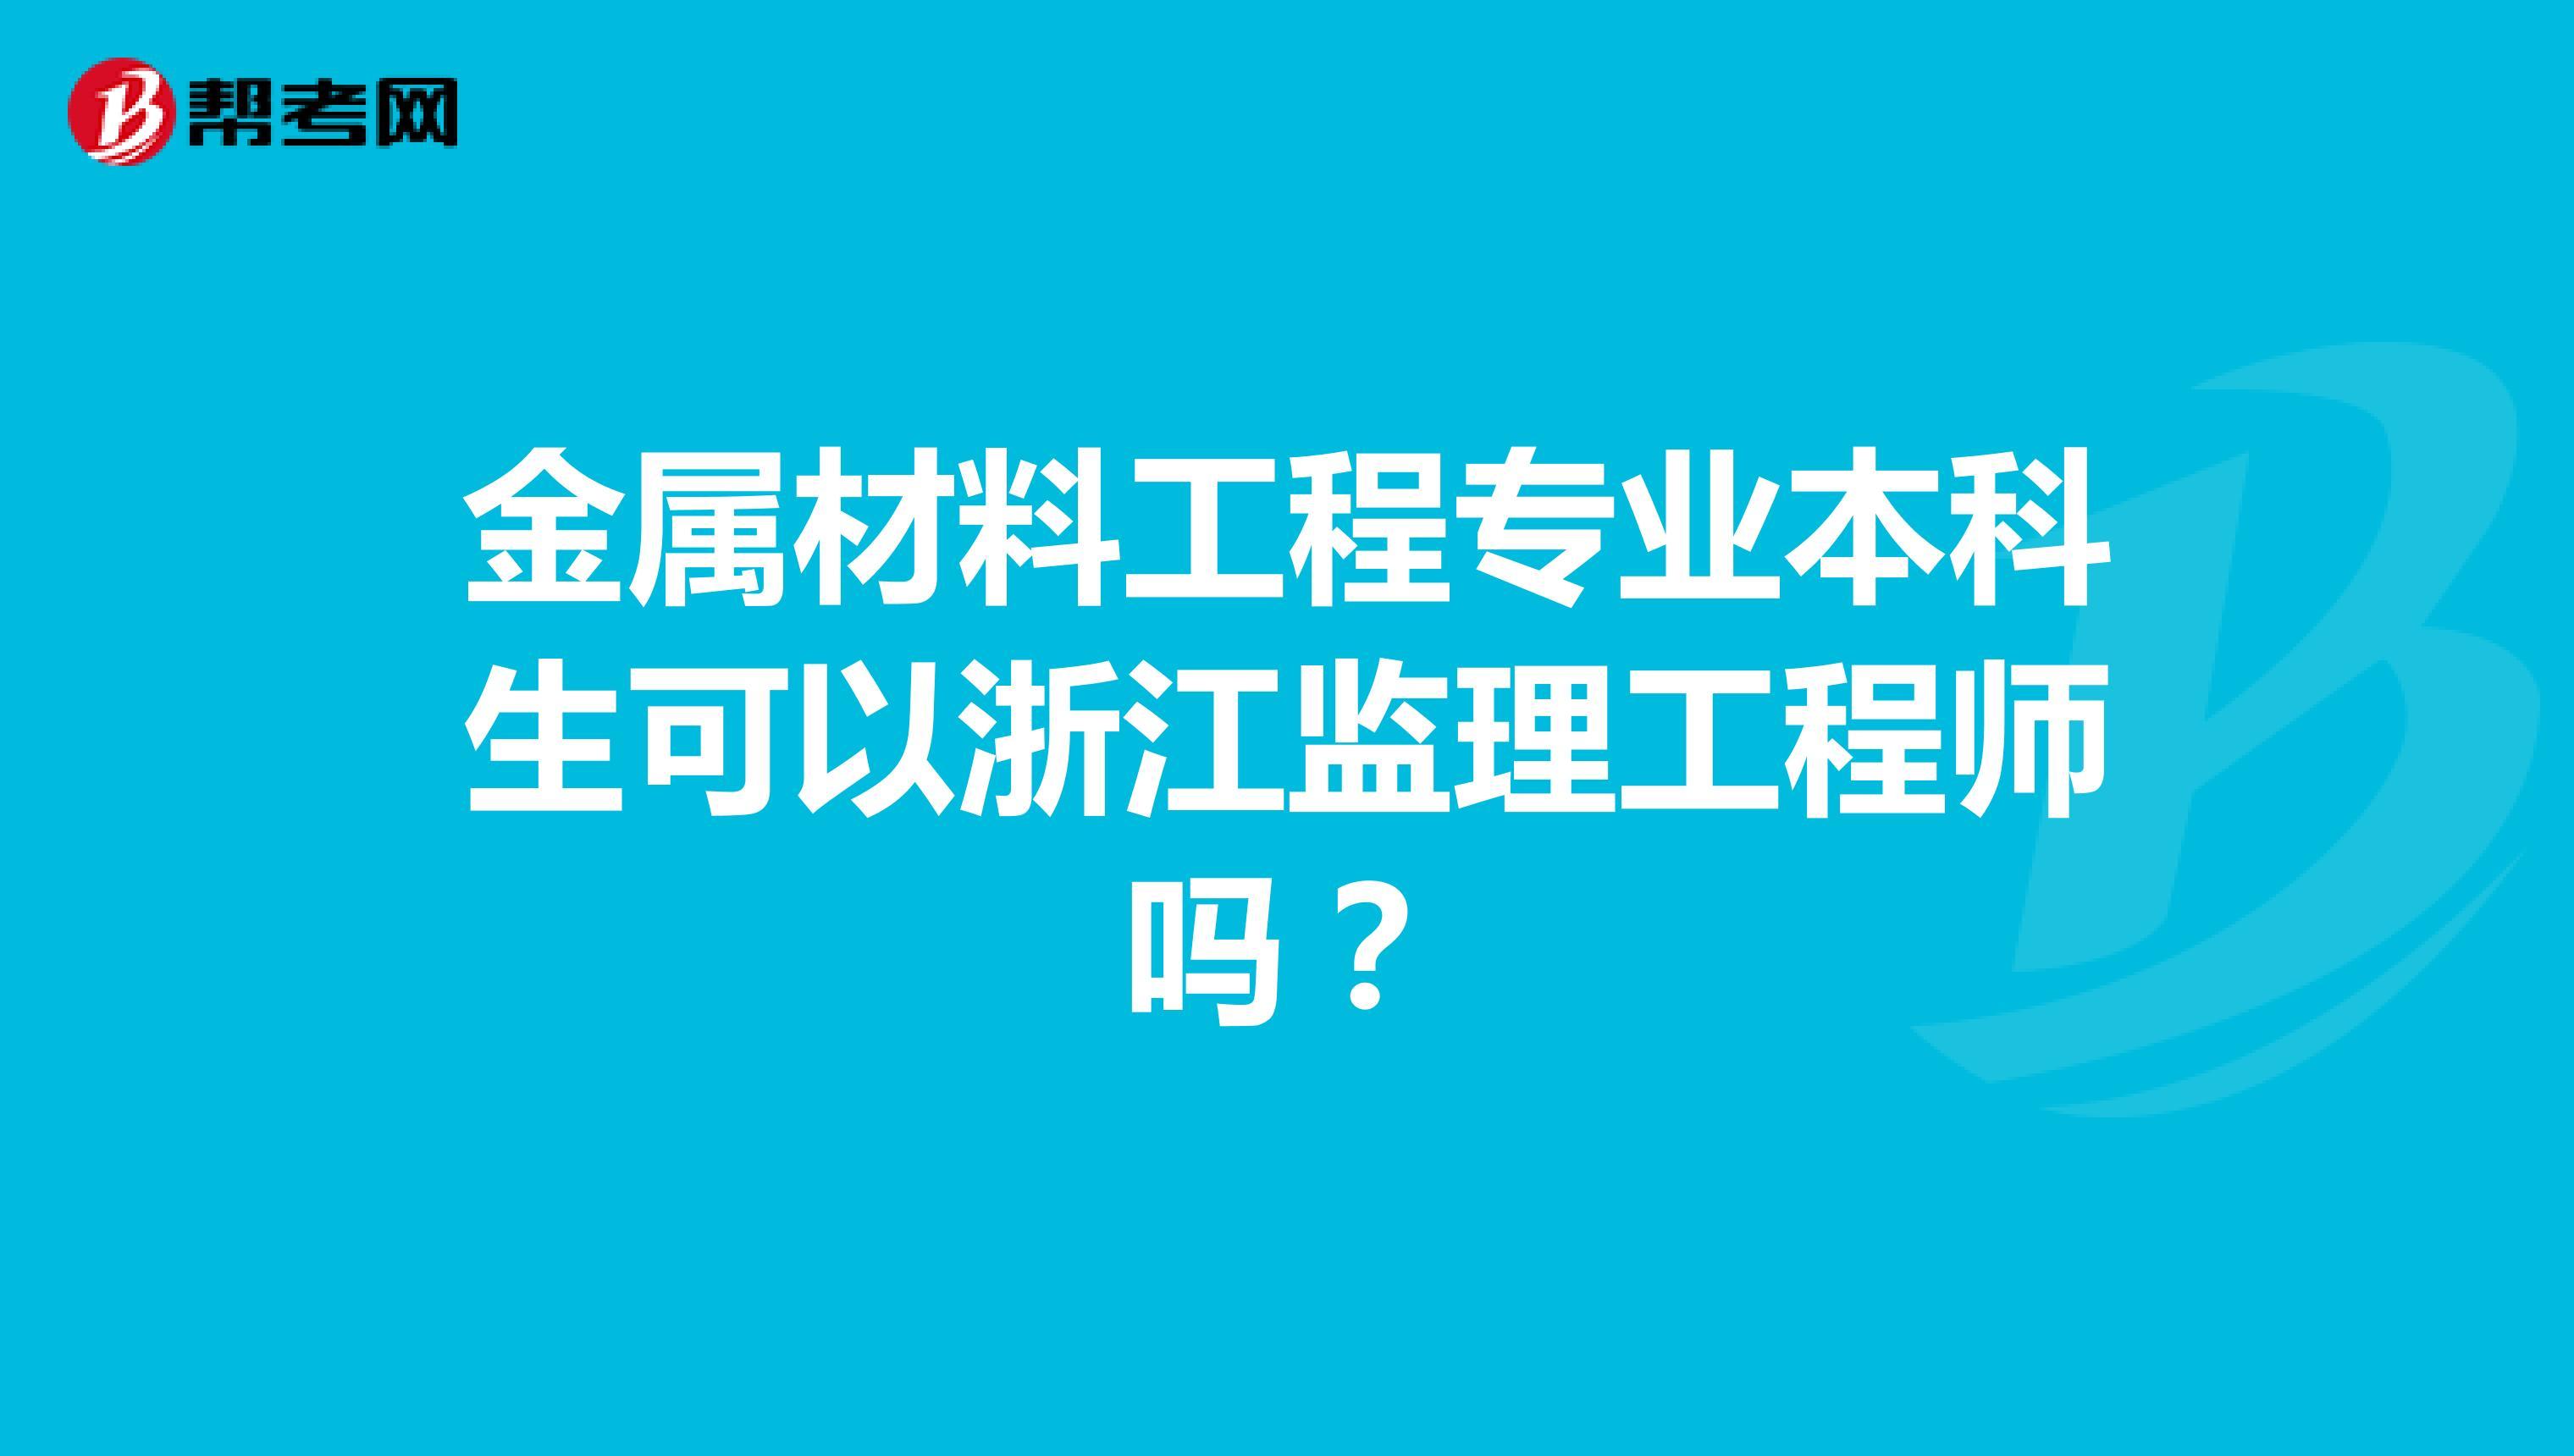 金属材料工程专业本科生可以浙江监理工程师吗?